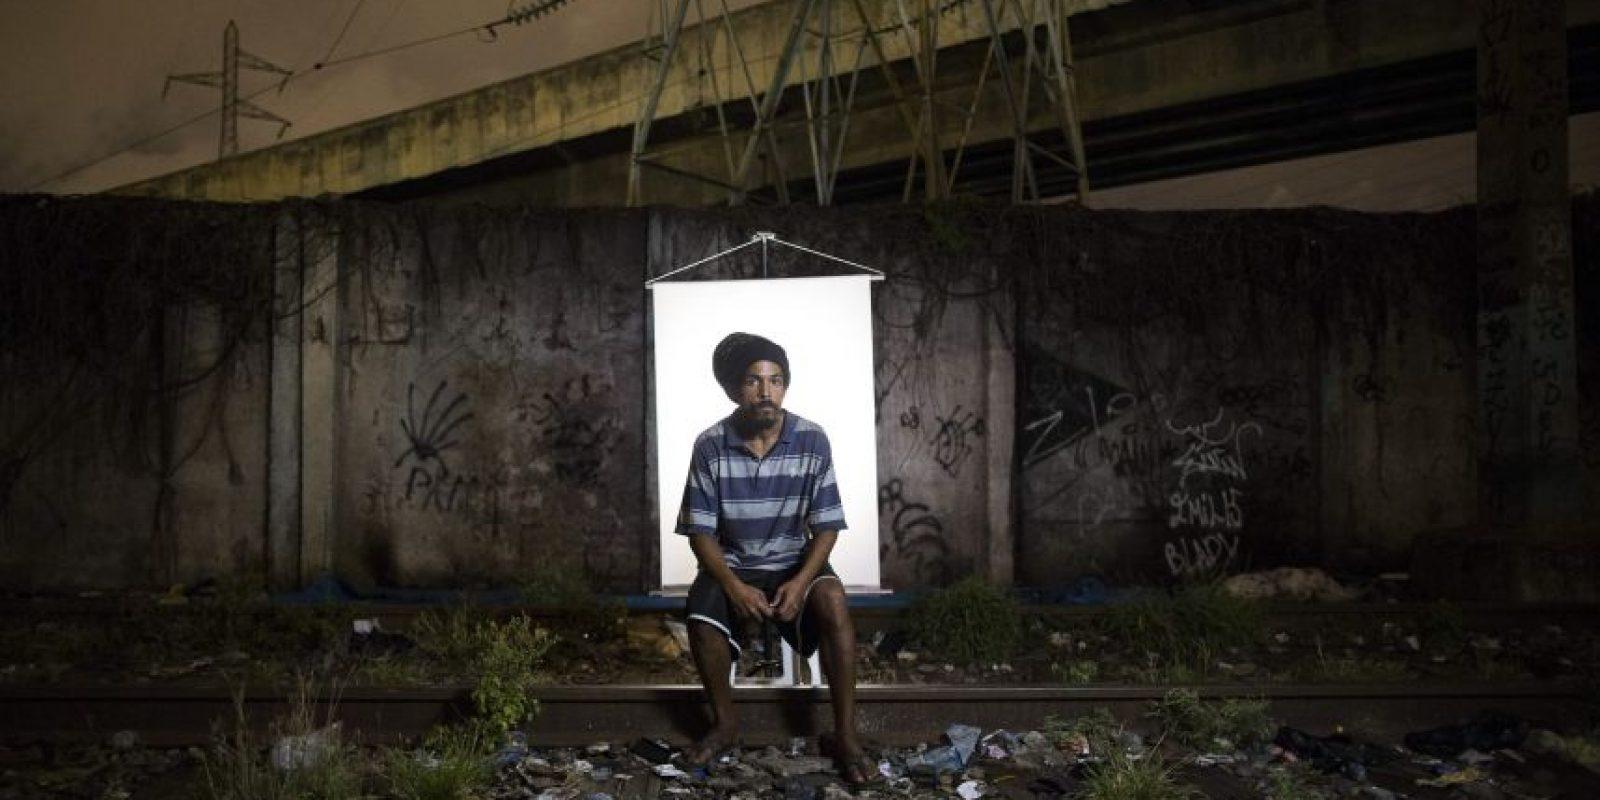 """En esta imagen, tomada el 18 de marzo de 2015, Douglas Wallace, de 26 años, posa para una fotografía en un punto de venta de crack al aire libre, conocido como """"cracolandia"""", donde los clientes pueden comprar la droga y fumarla a plena vista, de día o de noche, en Río de Janeiro, Brasil. Foto:AP/ Felipe Dana"""